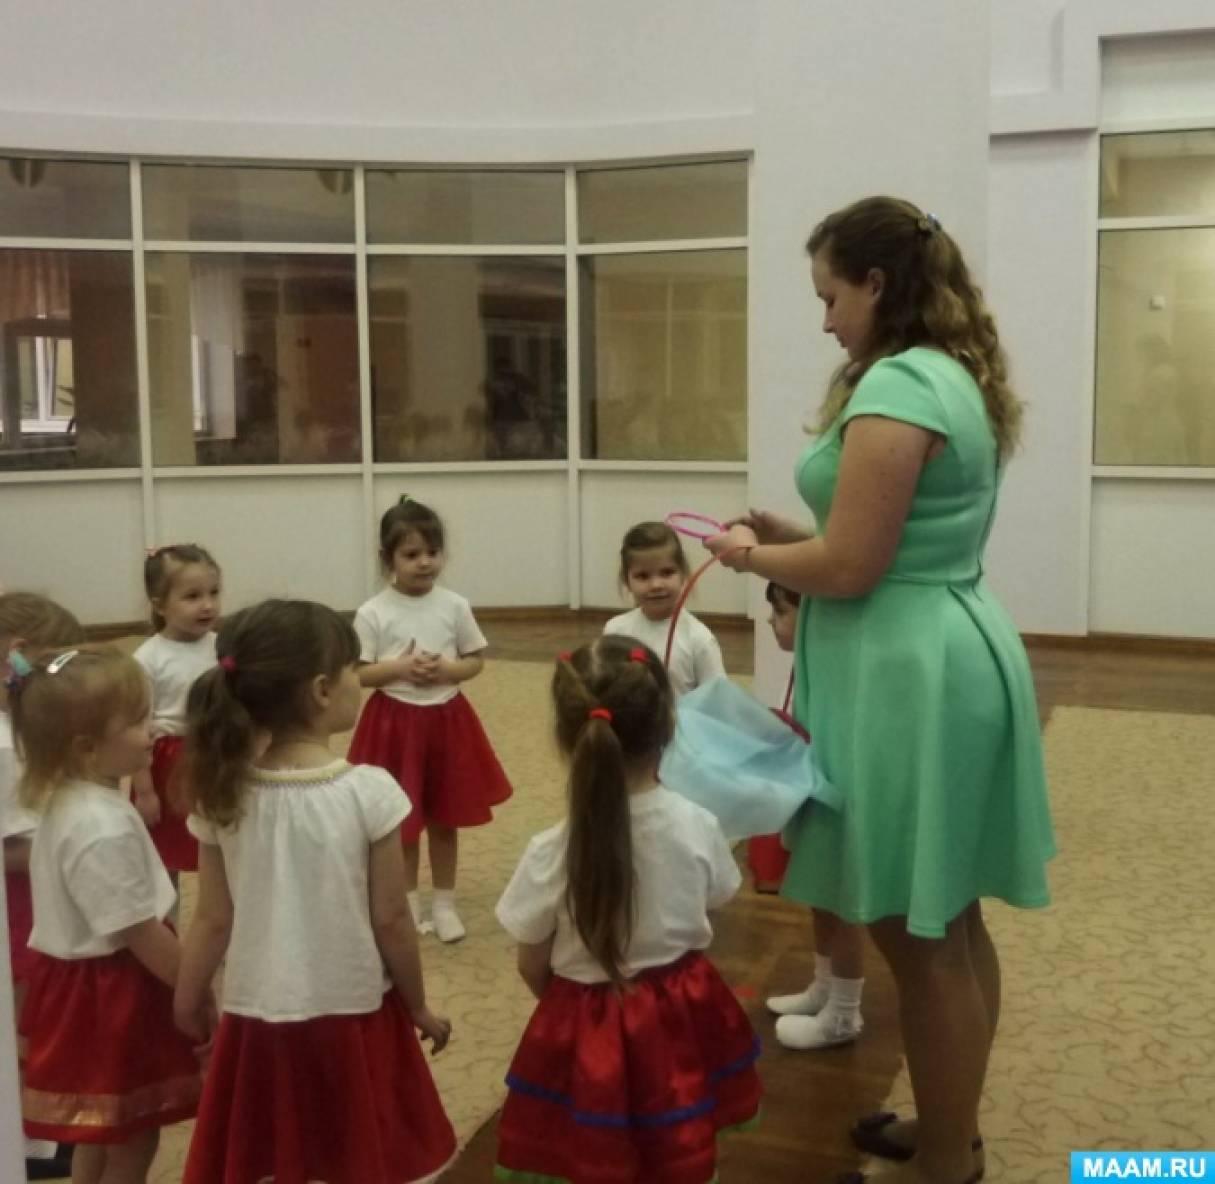 Сценарий театрализованной деятельности с детьми второй младшей группы «Украинская народная сказка «Рукавичка» на новый лад»